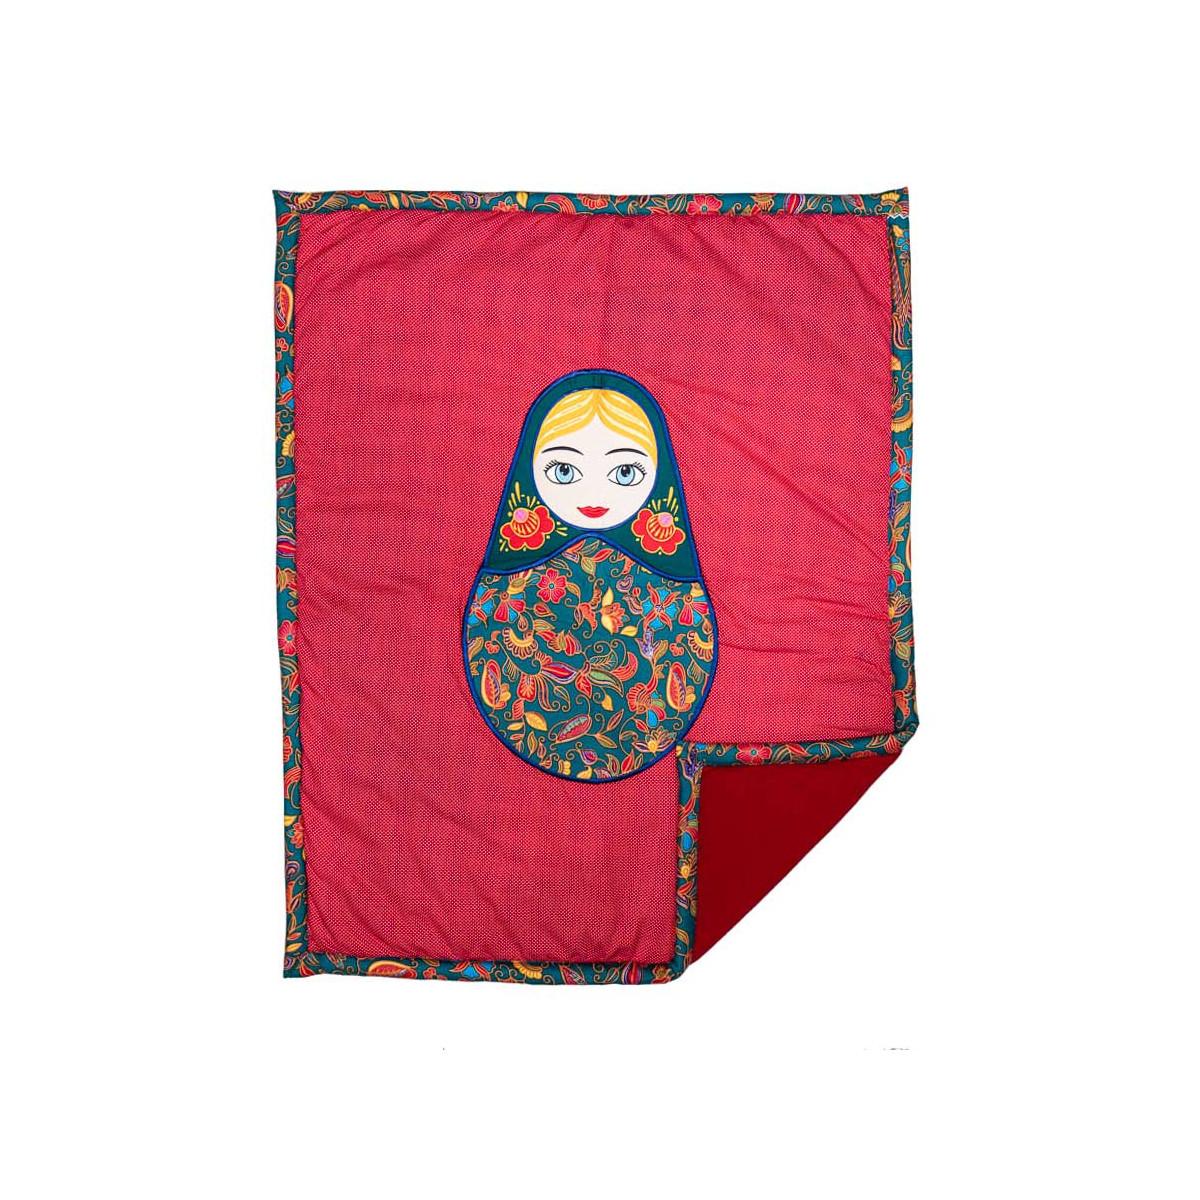 Couverture coton polaire bébé fille rouge avec Matriochka poupée russe brodée